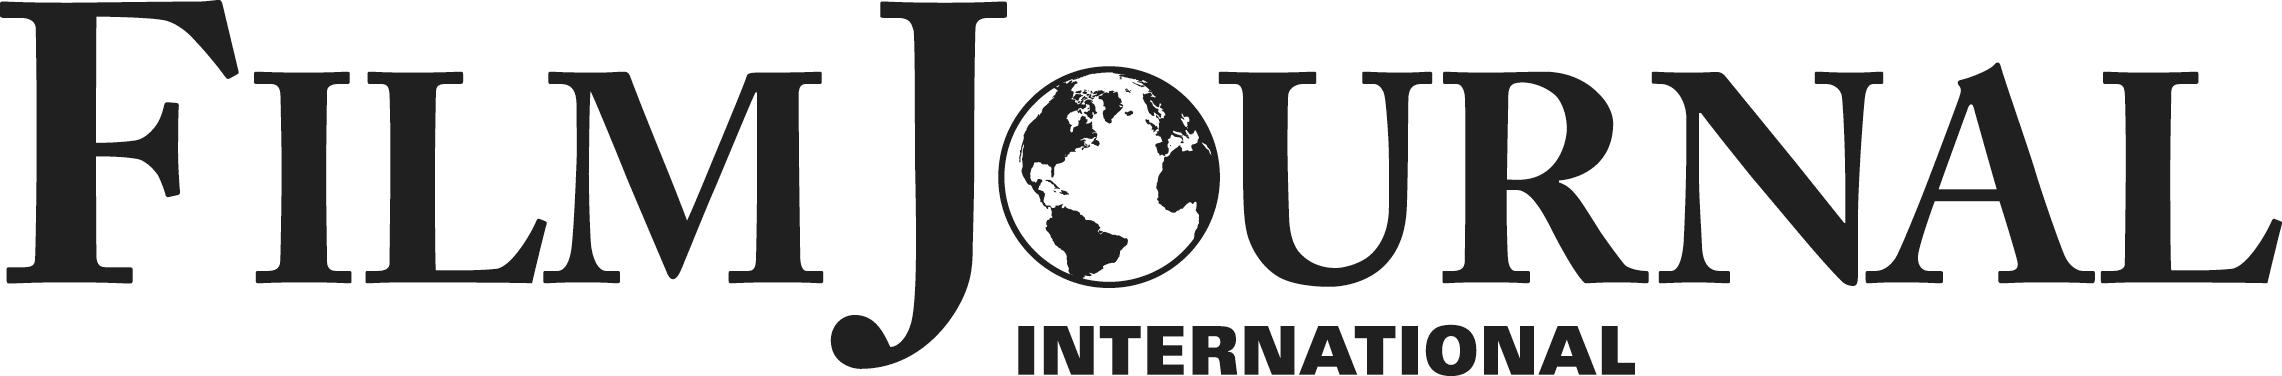 FilmJournal_logo.png